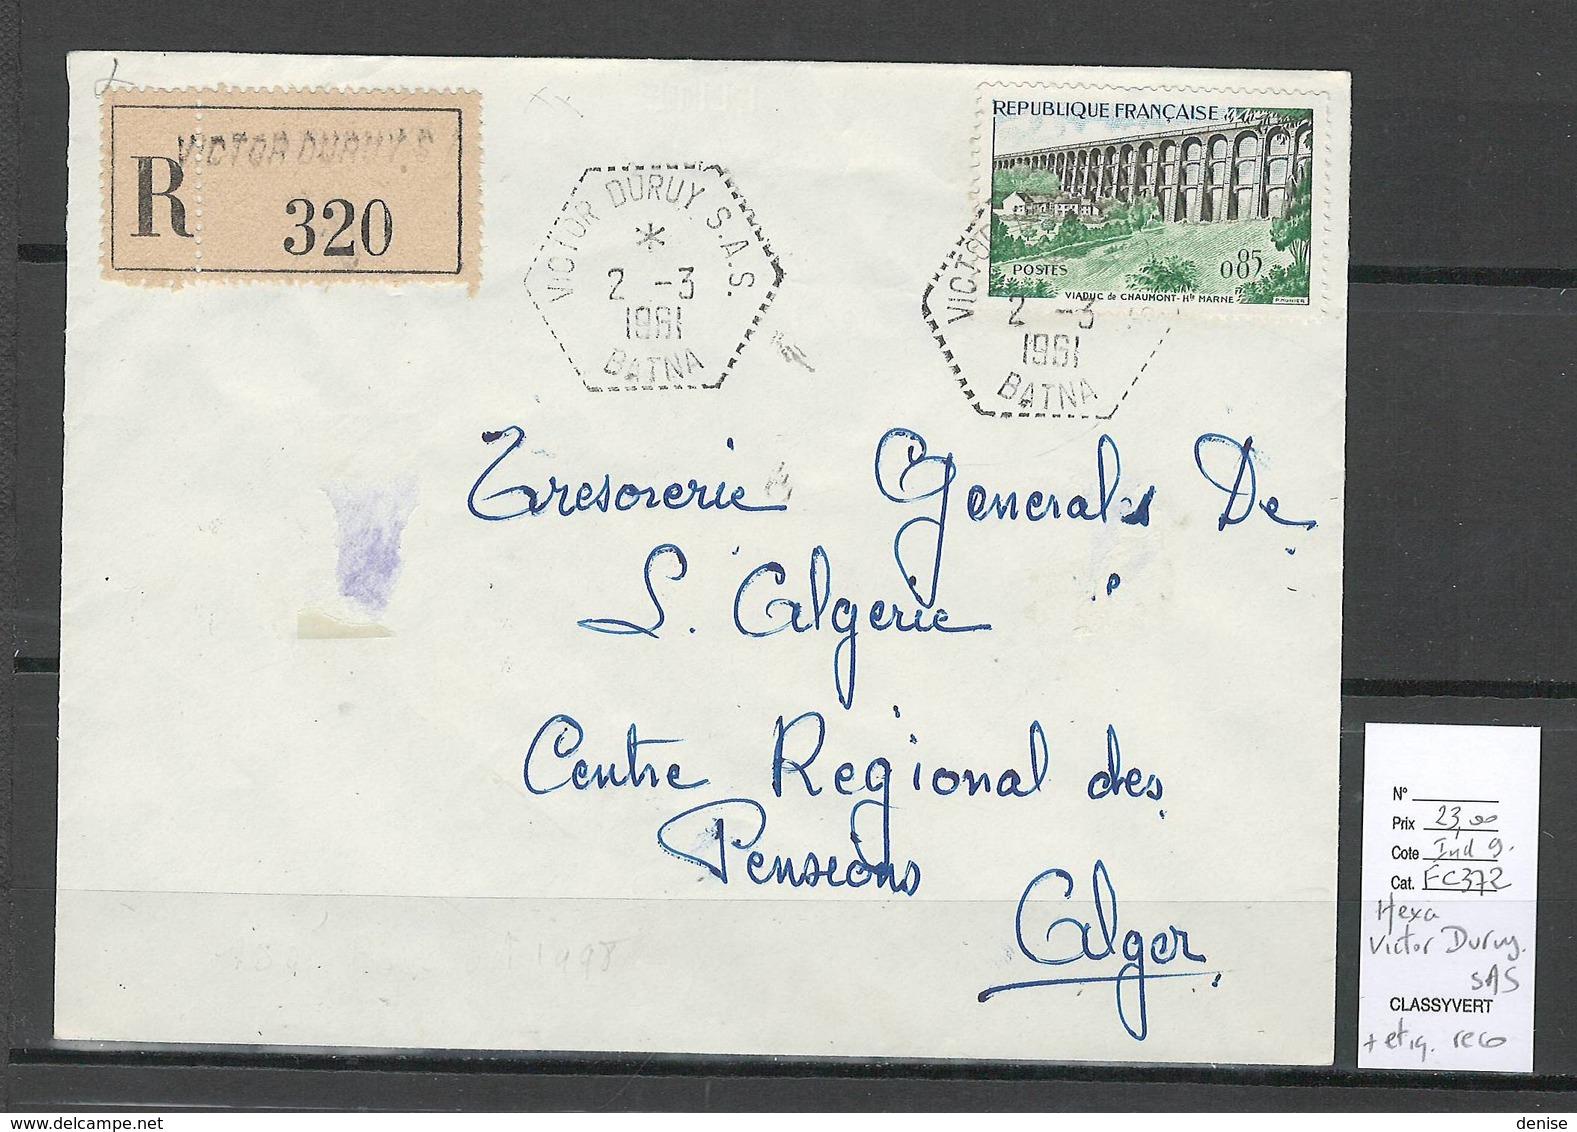 Algerie - Lettre Recommandée - Cachet Hexagonal VICTOR DURUY  SAS - Marcophilie - Algeria (1924-1962)